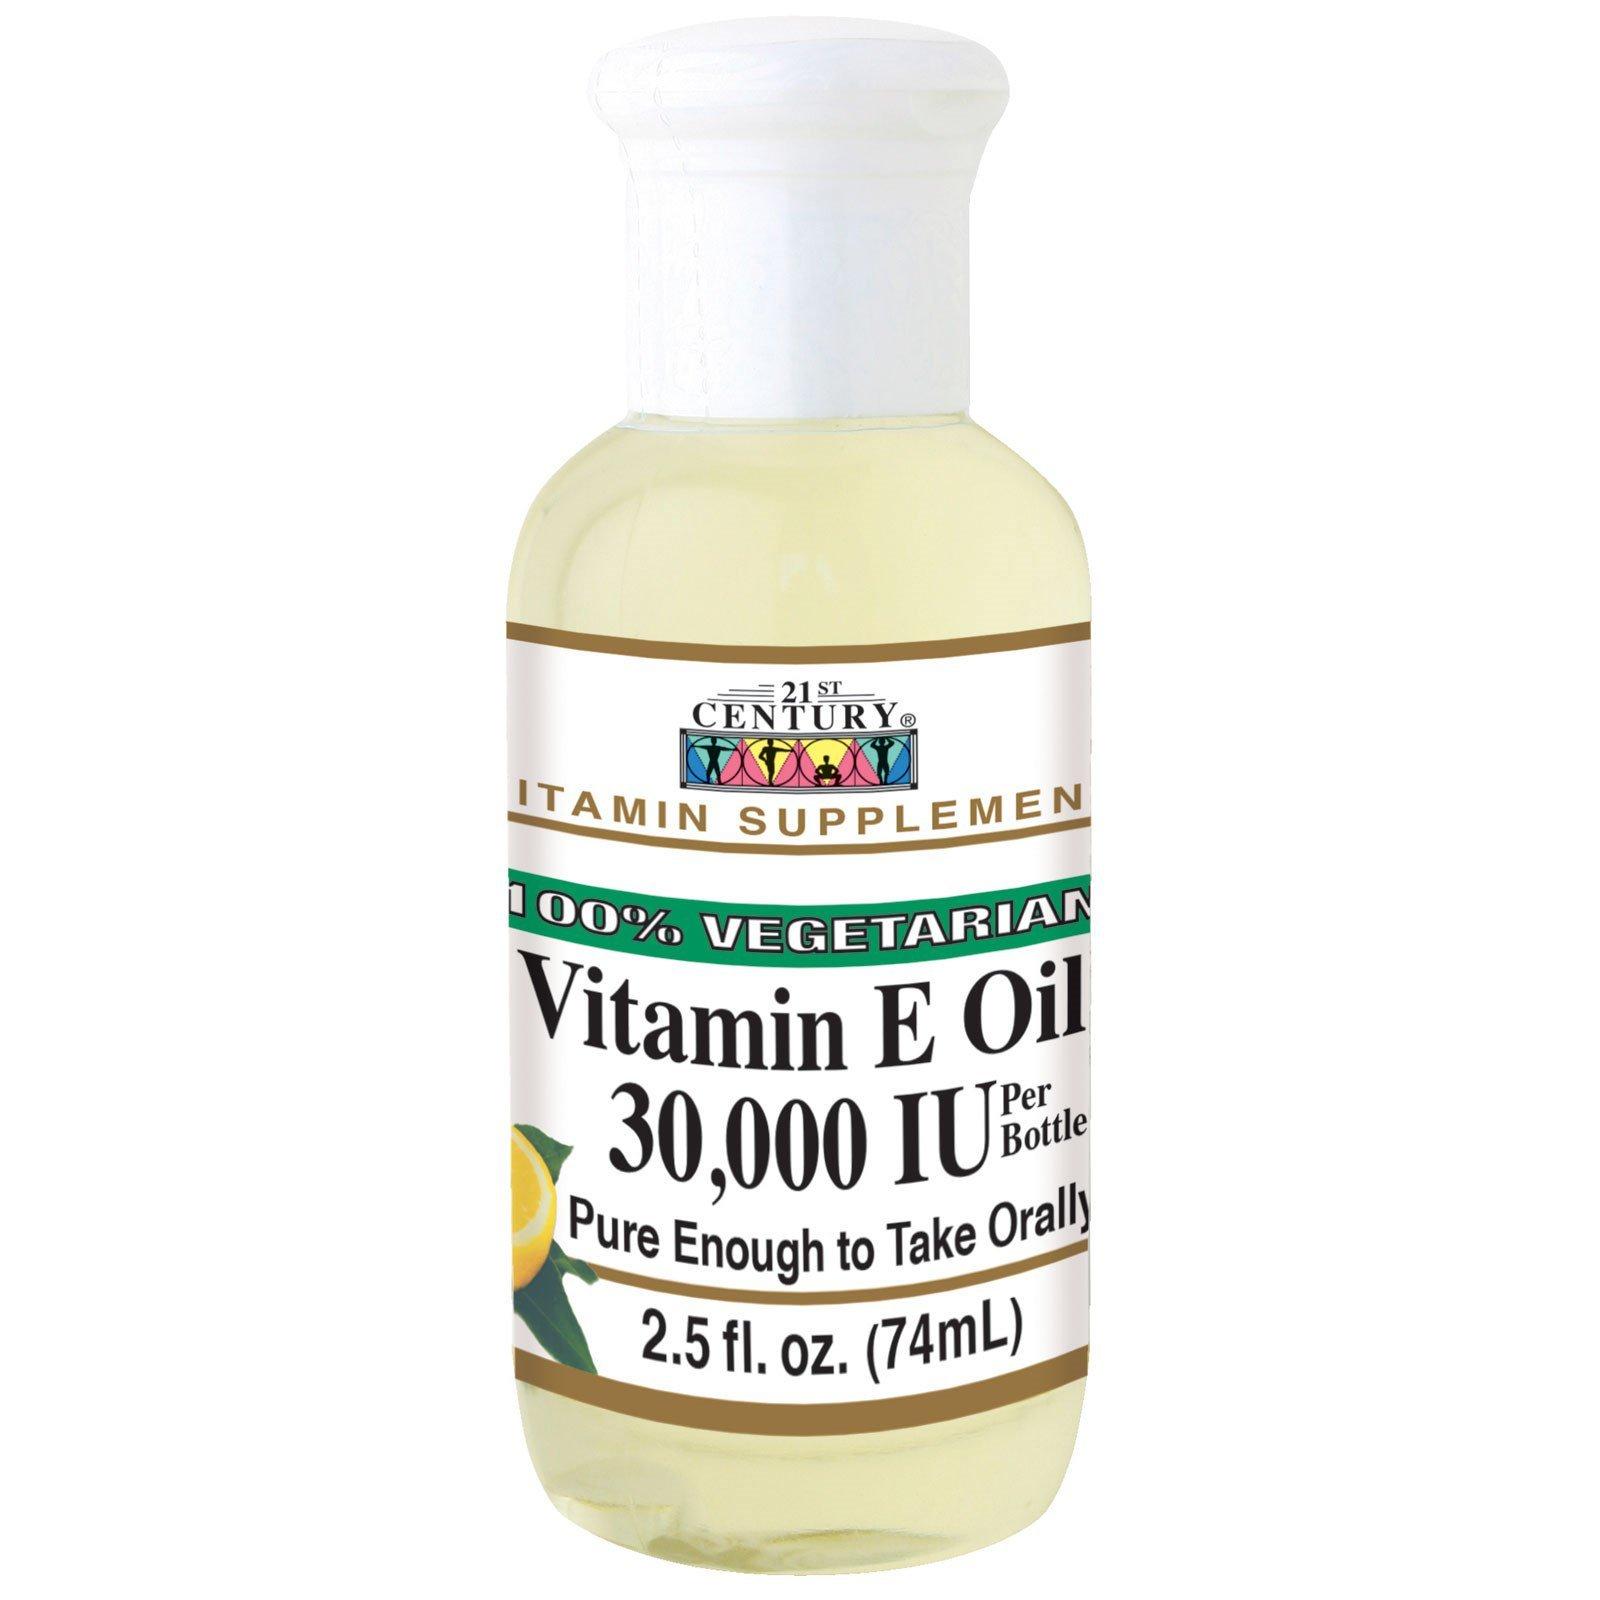 21st Century, Vitamin E Oil, 30,000 IU, 2.5 fl oz (74 ml)